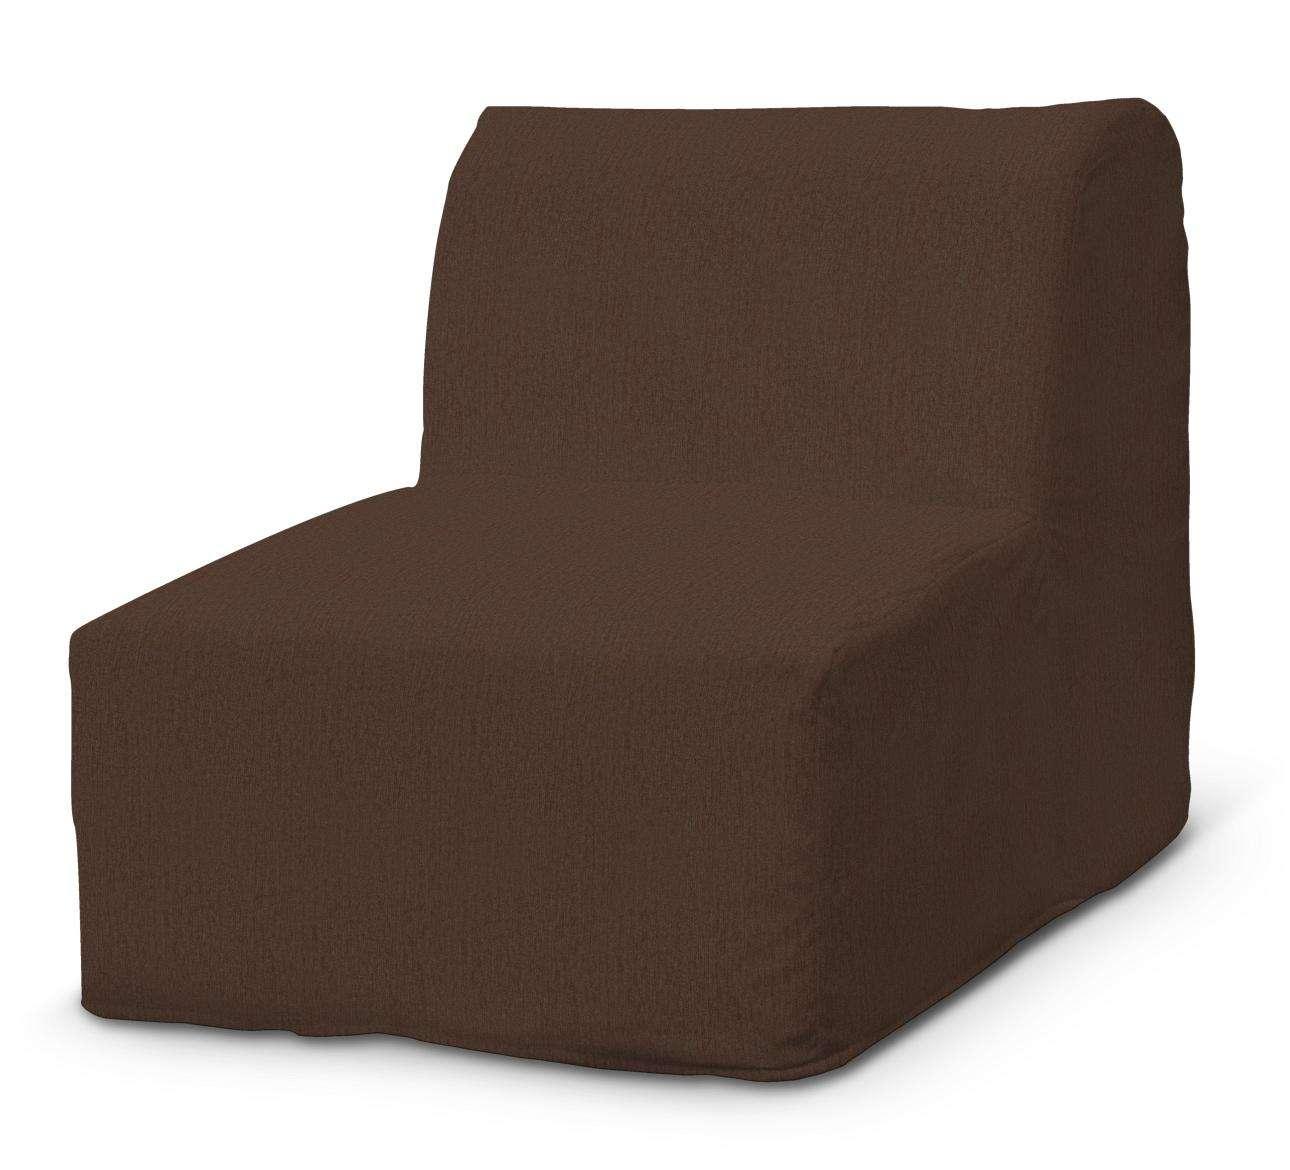 Pokrowiec na fotel Lycksele prosty w kolekcji Chenille, tkanina: 702-18